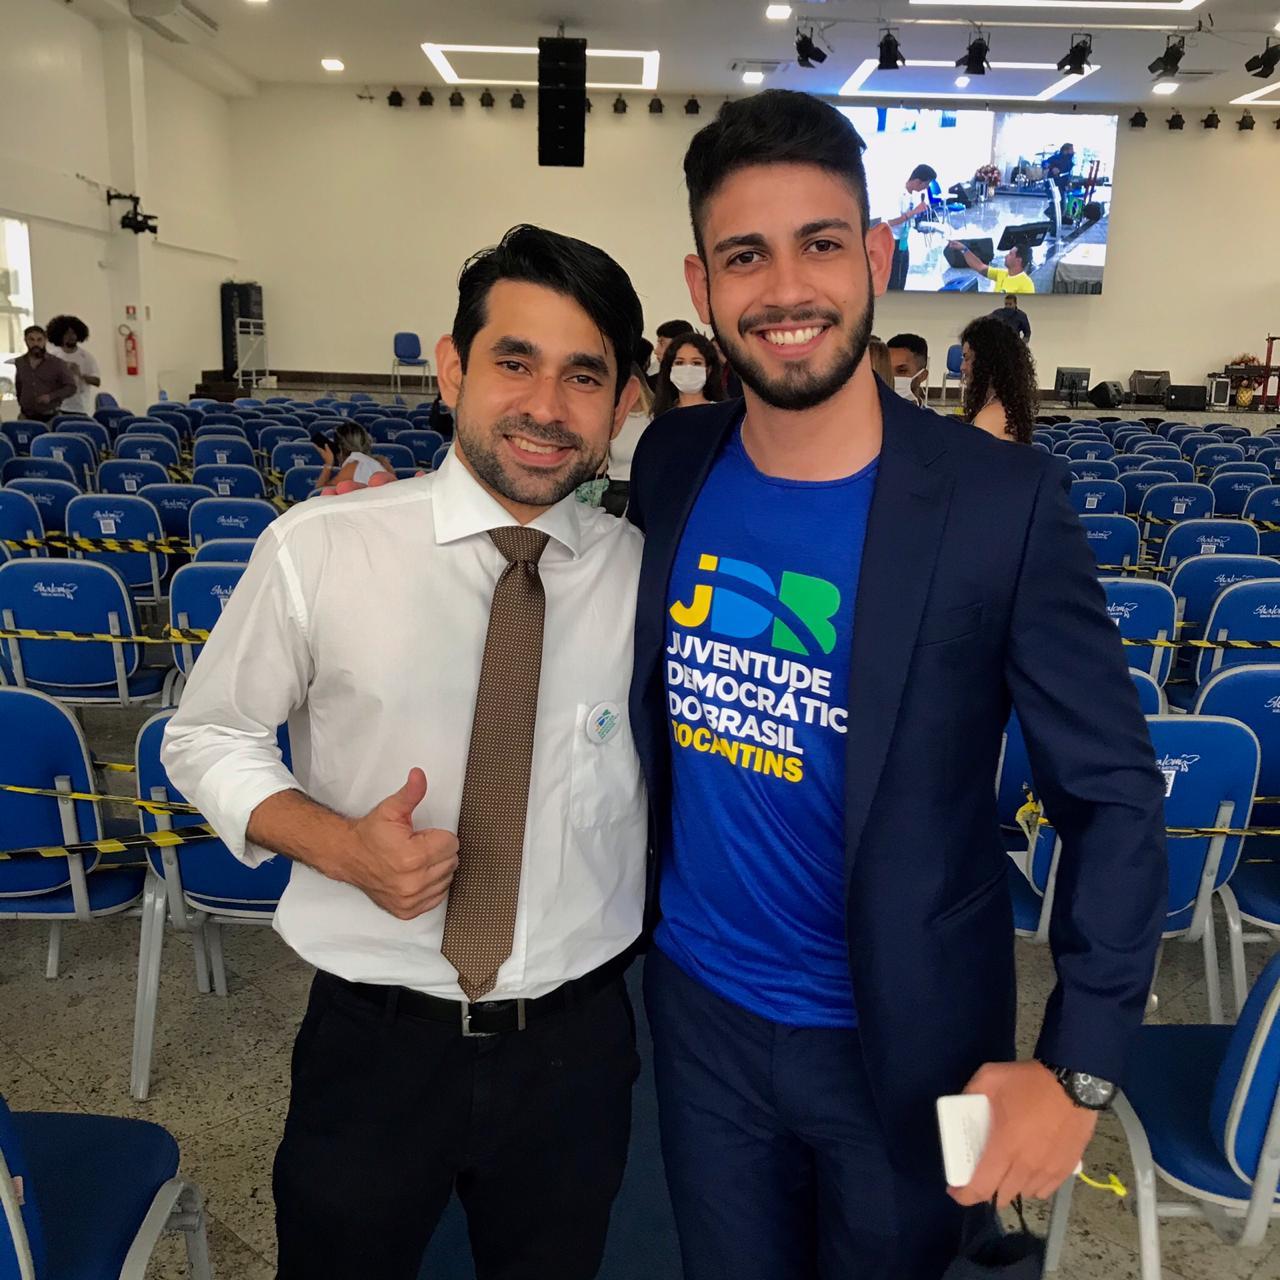 Liderança tocantinense participa de evento nacional da Juventude Democrática do Brasil em Brasília